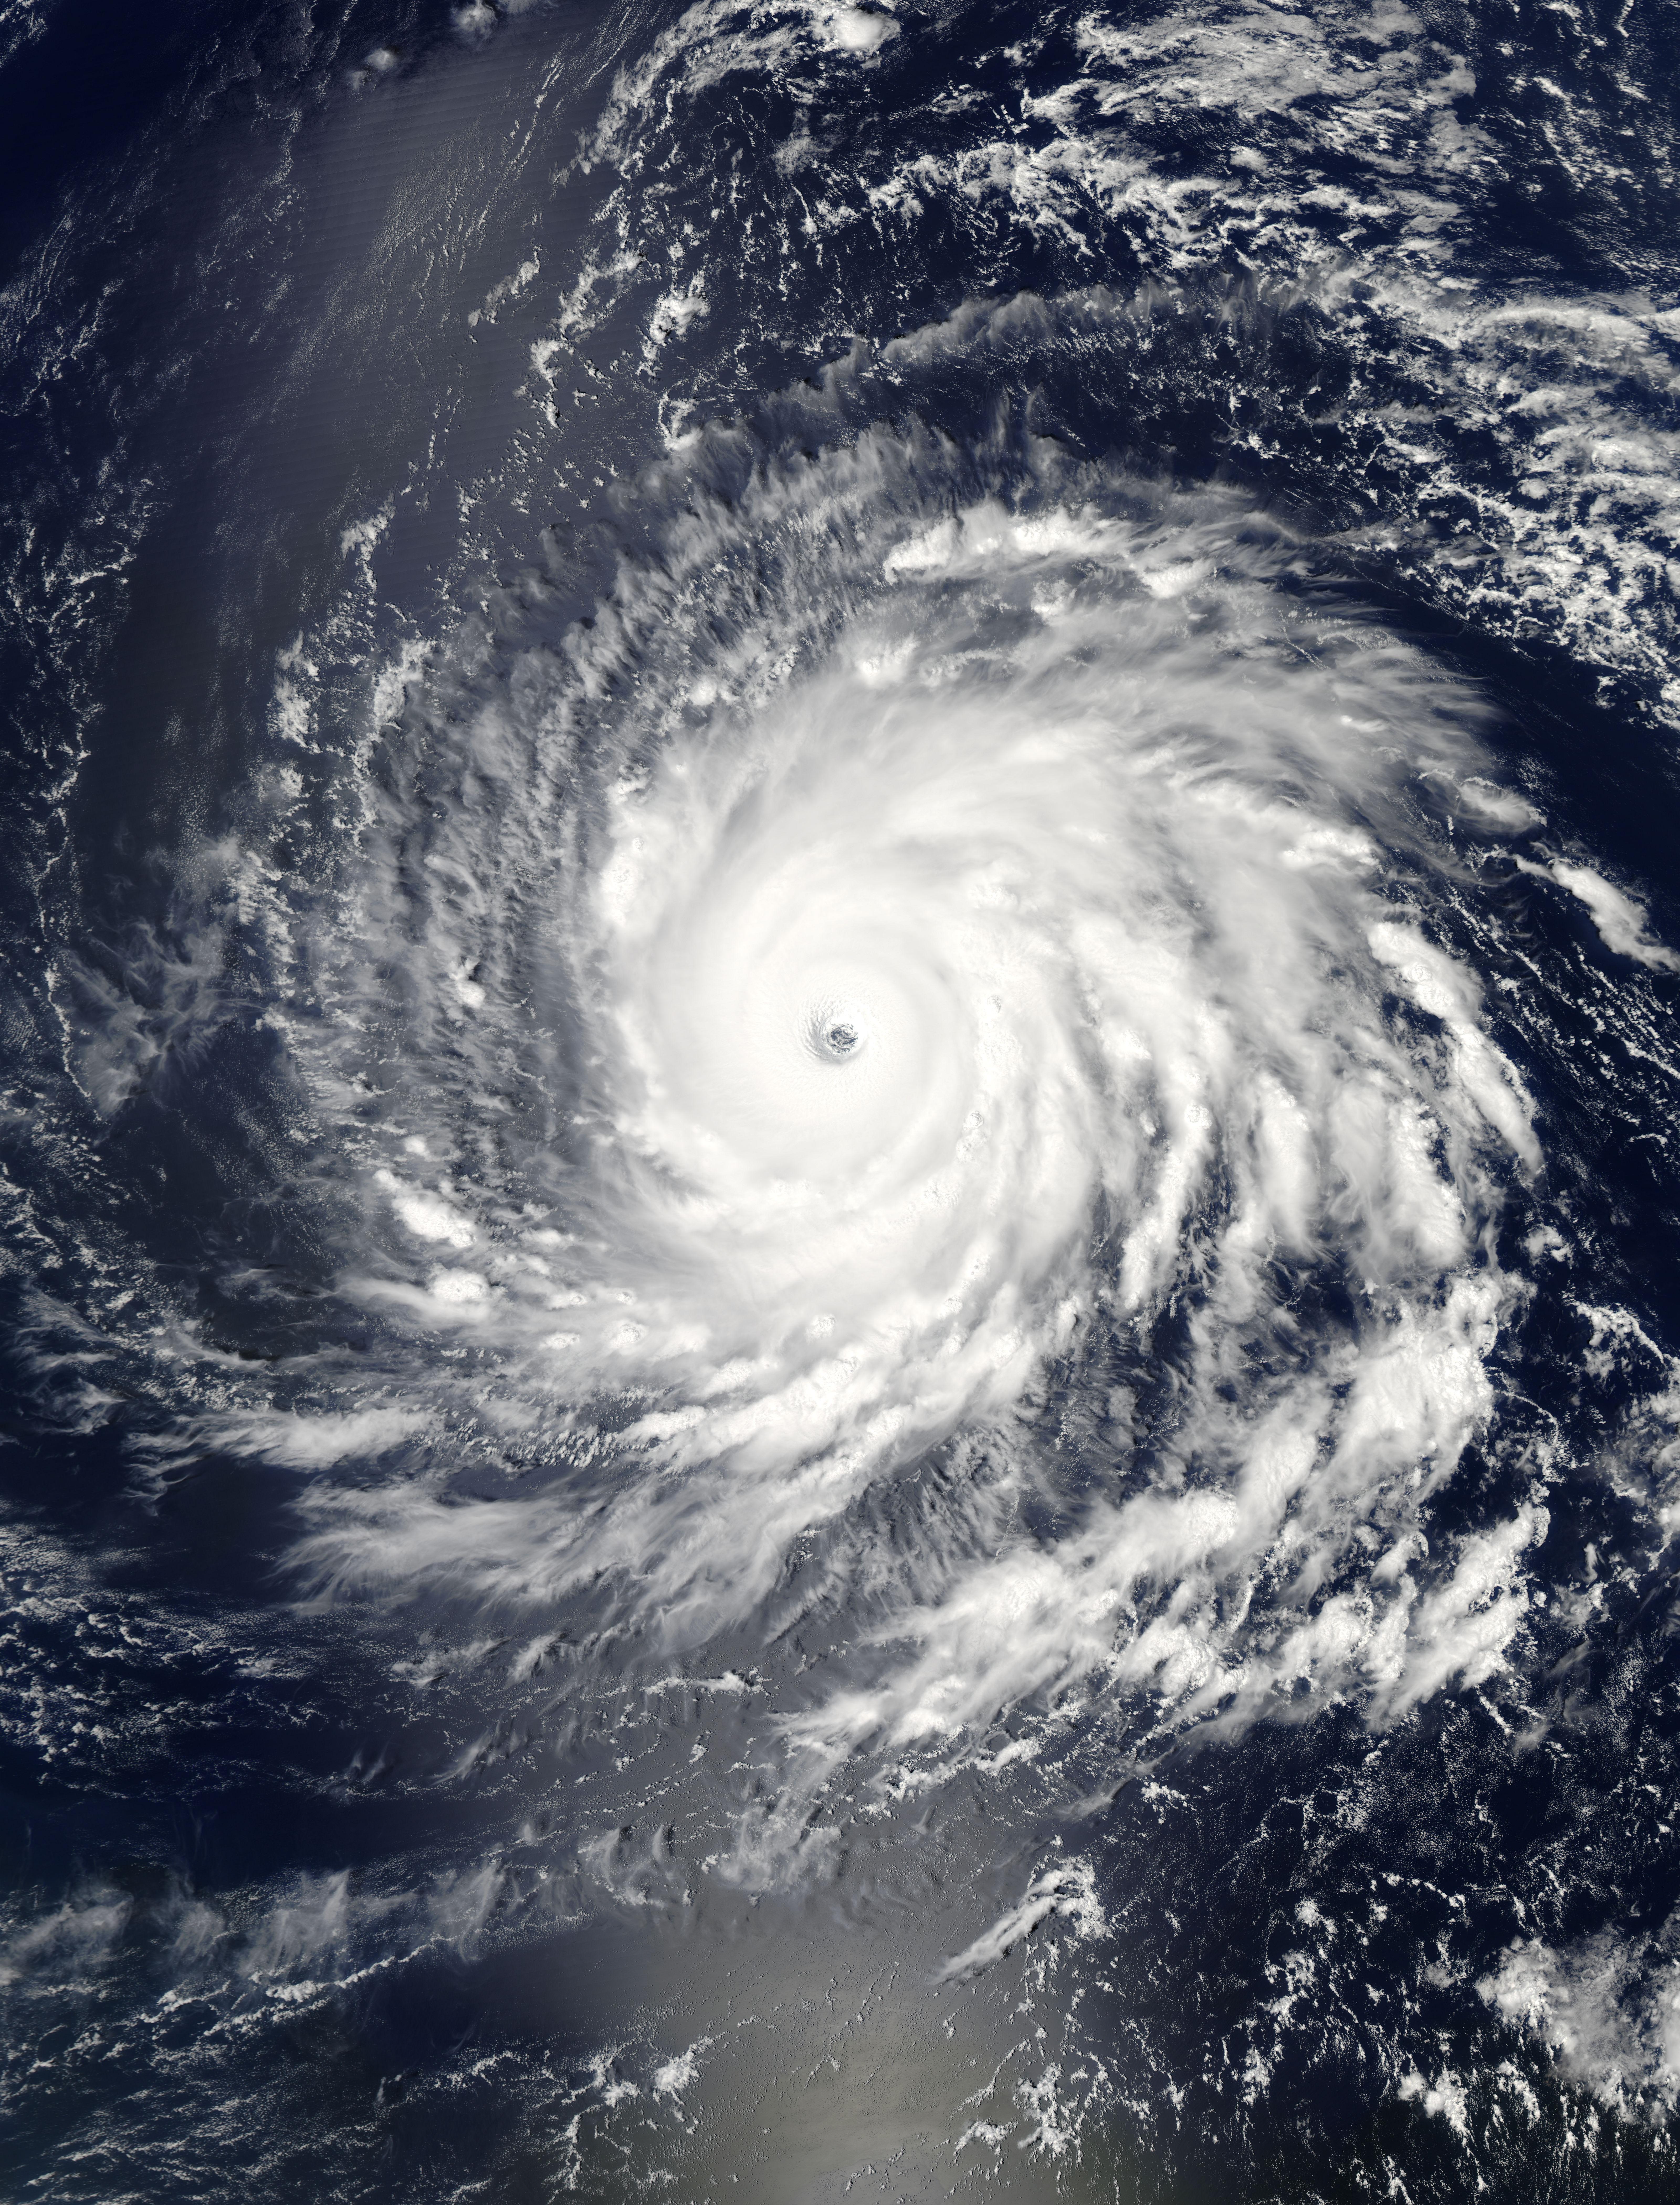 File:Hurricane Igor at 1640z on September 13, 2010.jpg - Wikipedia ...